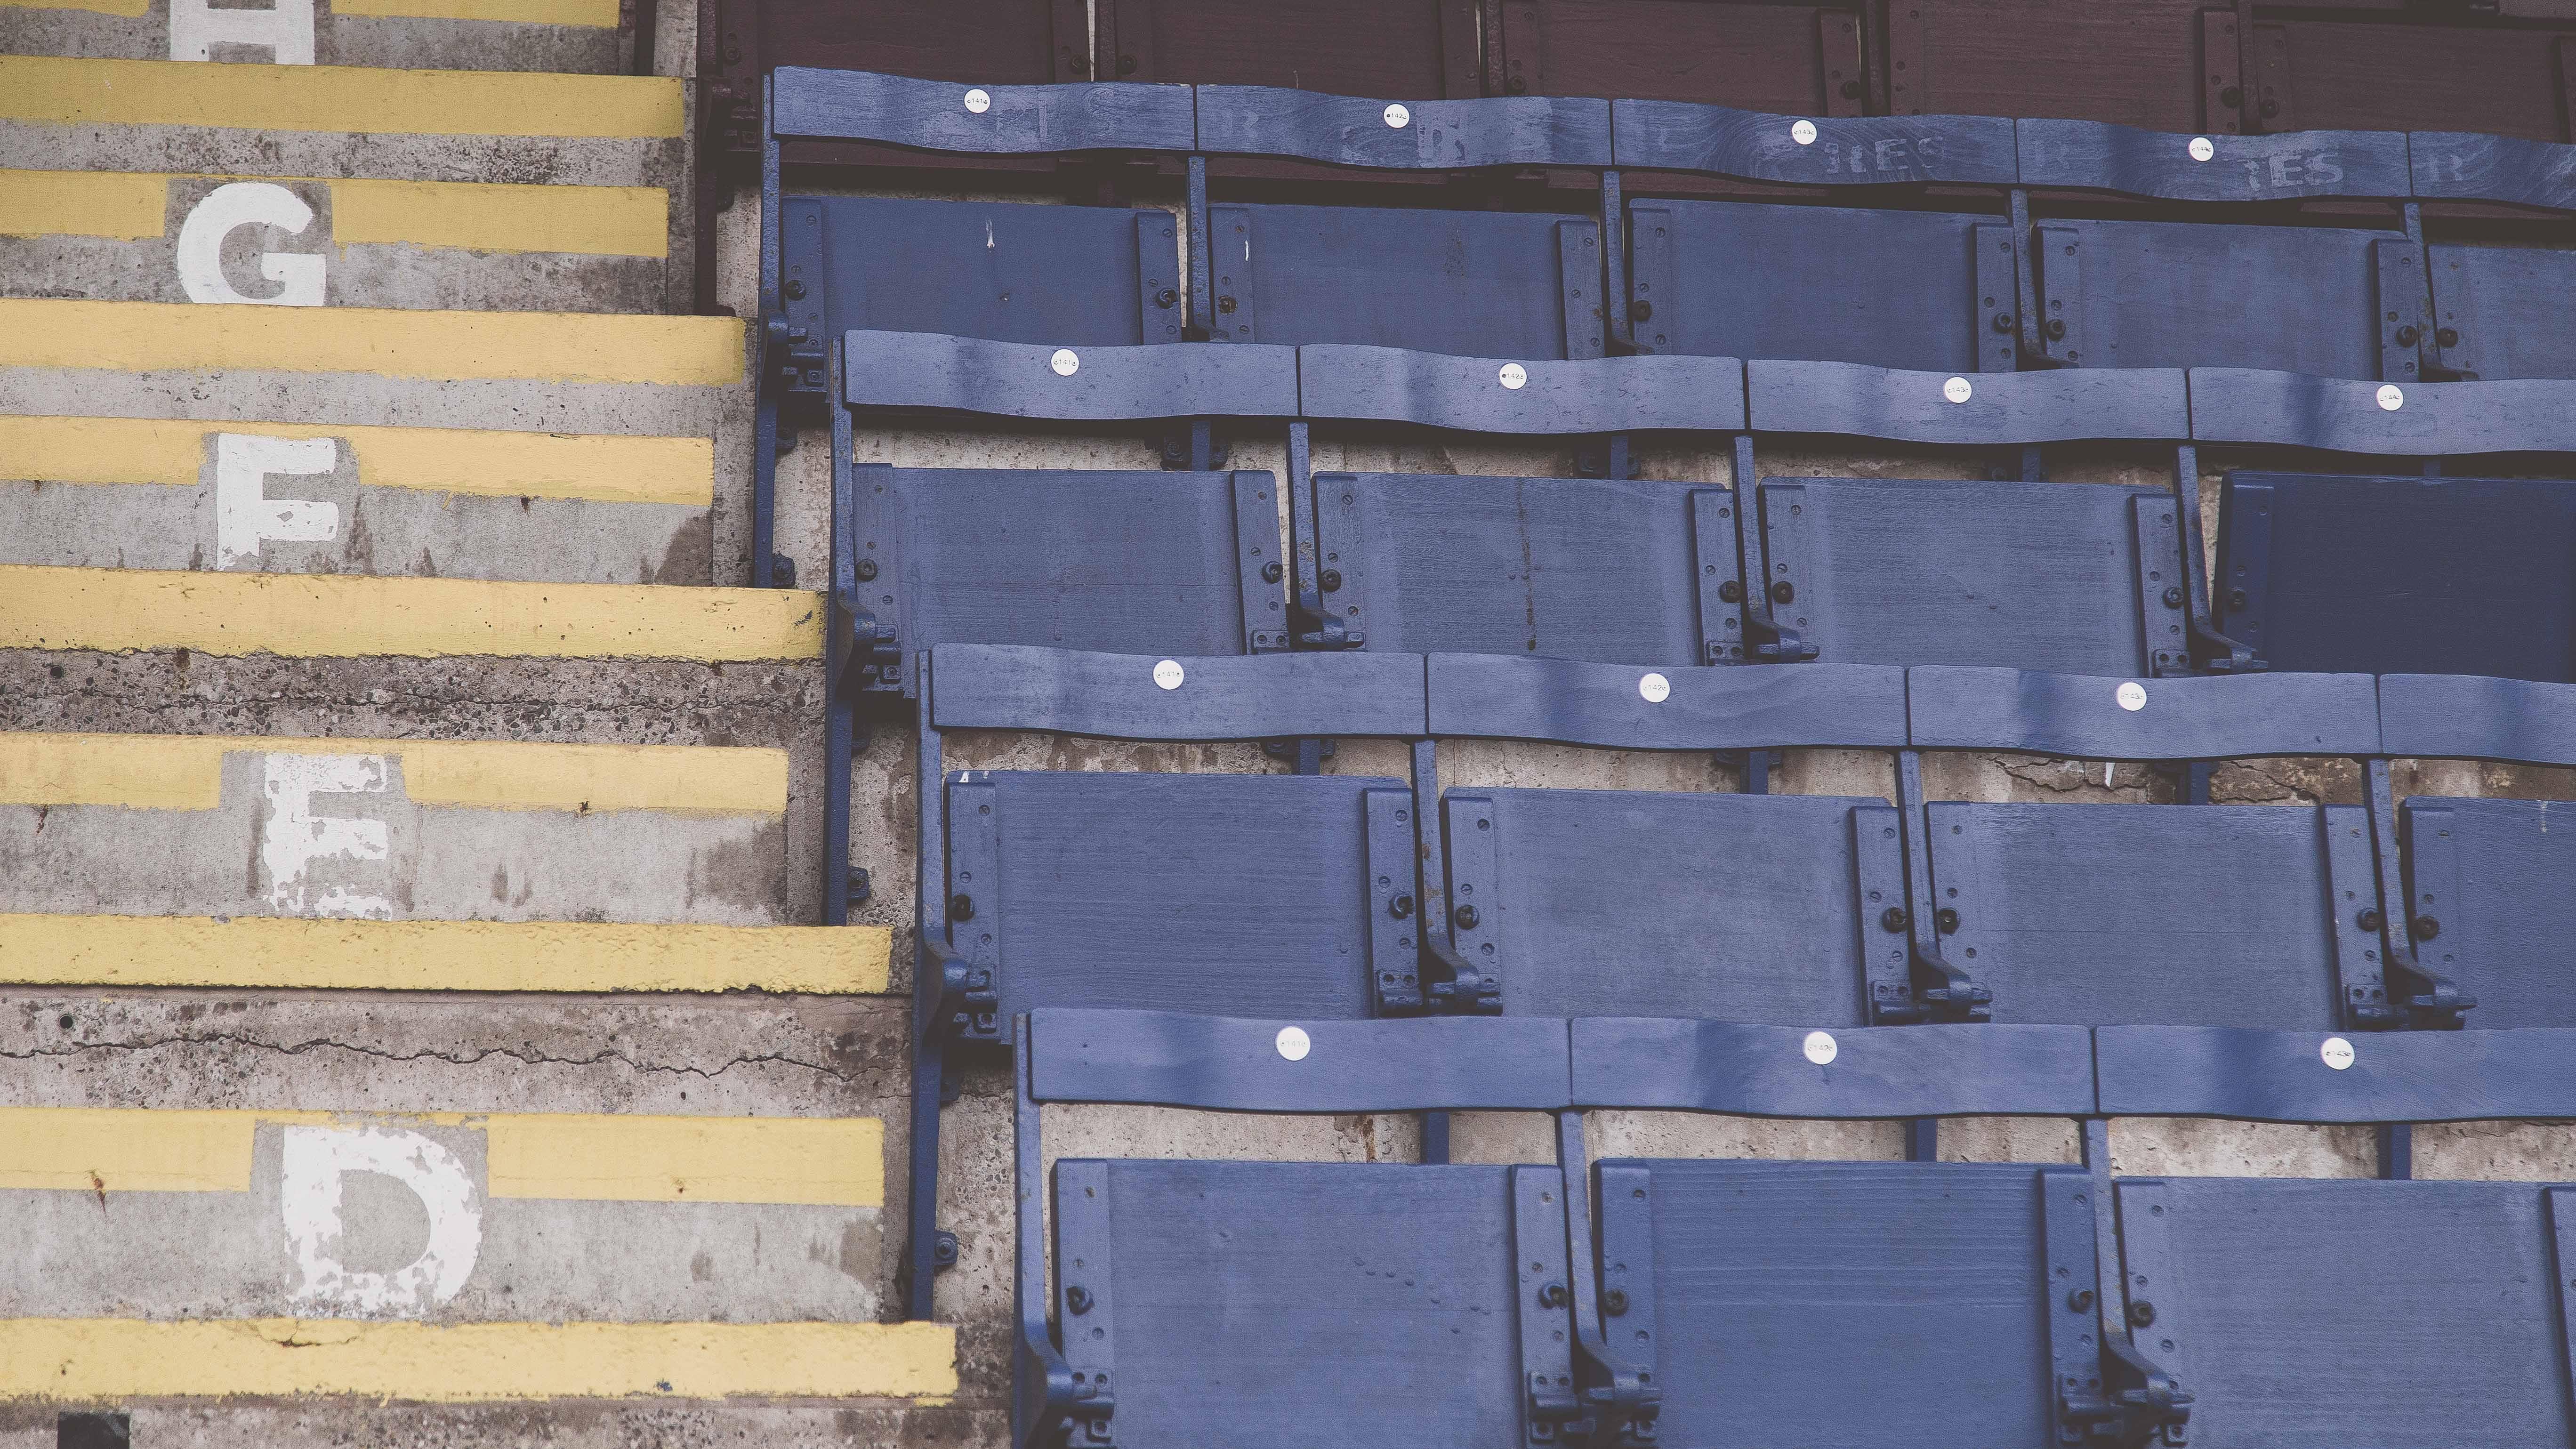 empty blue stadium chairs